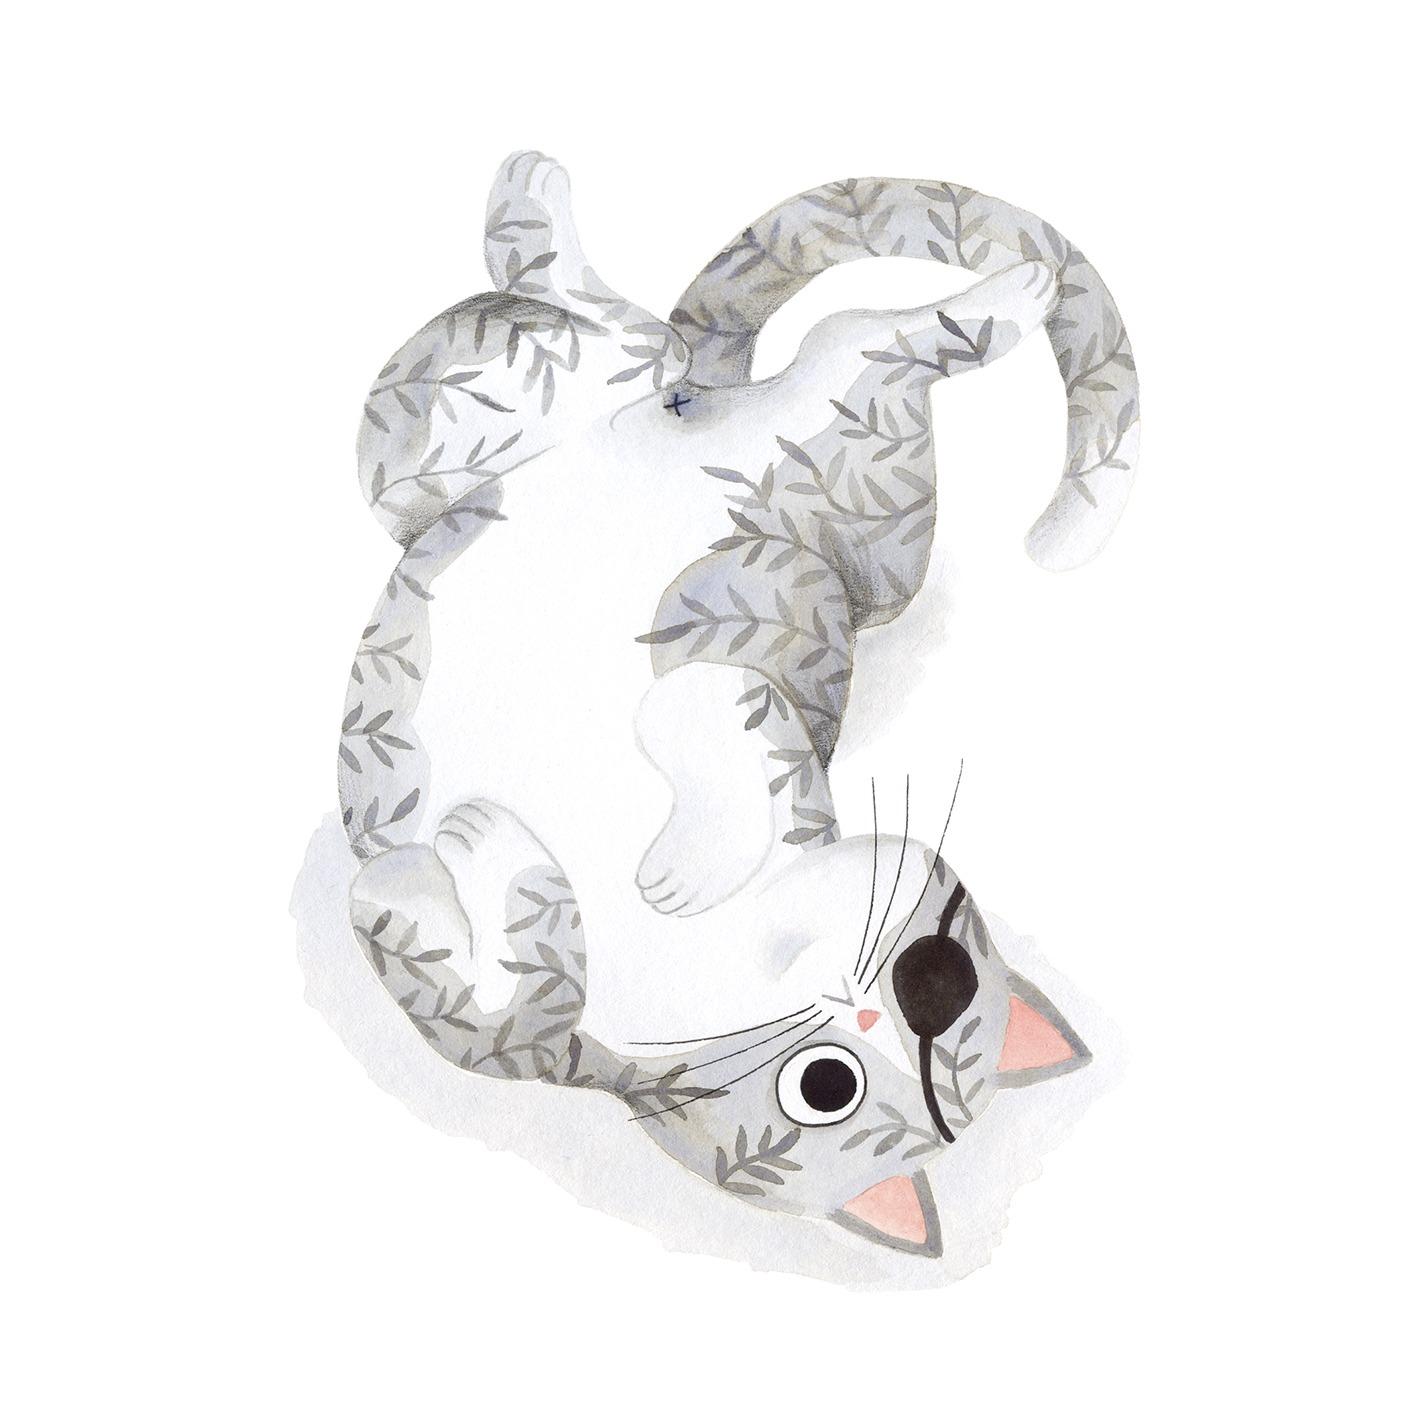 Ilustración de gato, Inktober, gato con parche, retrato de gato